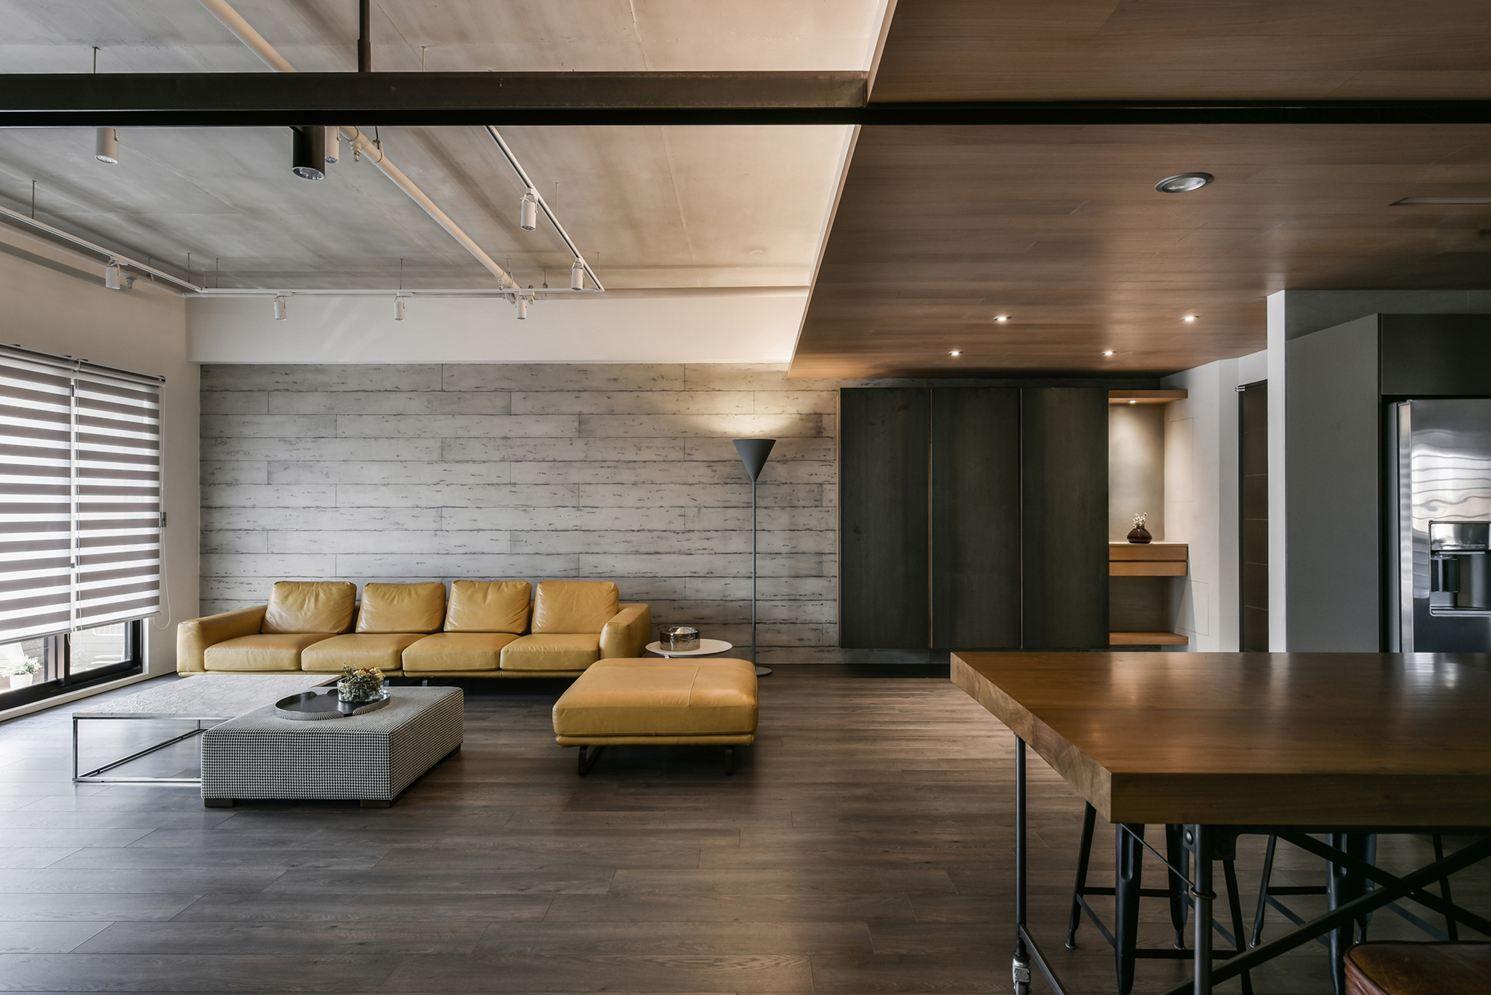 Innenarchitektur wohnzimmer grundrisse weekend home  picture gallery  interior concept  pinterest